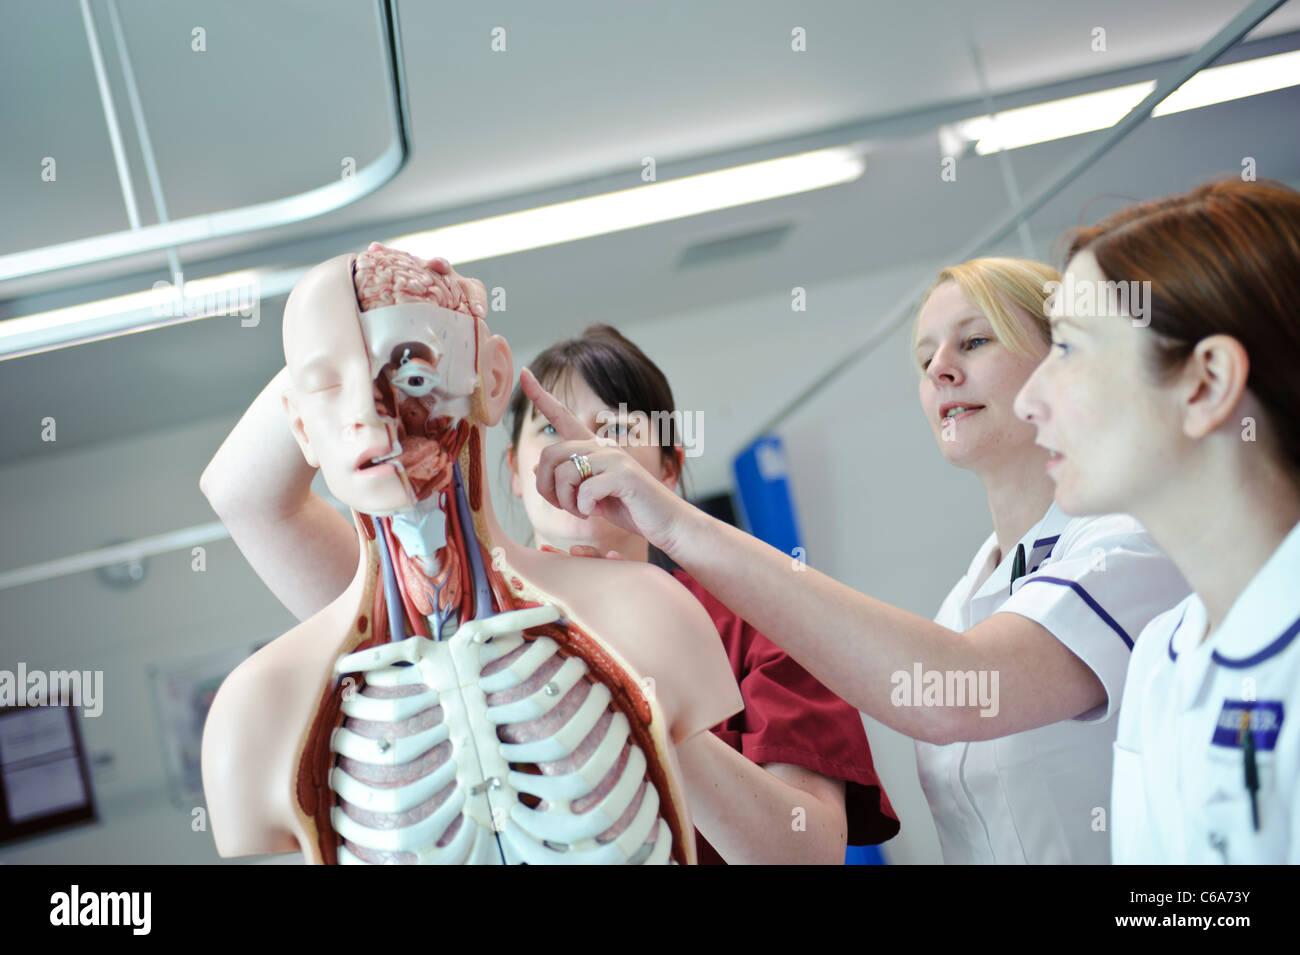 Los estudiantes de enfermería, femenina, blanca y maestro ...